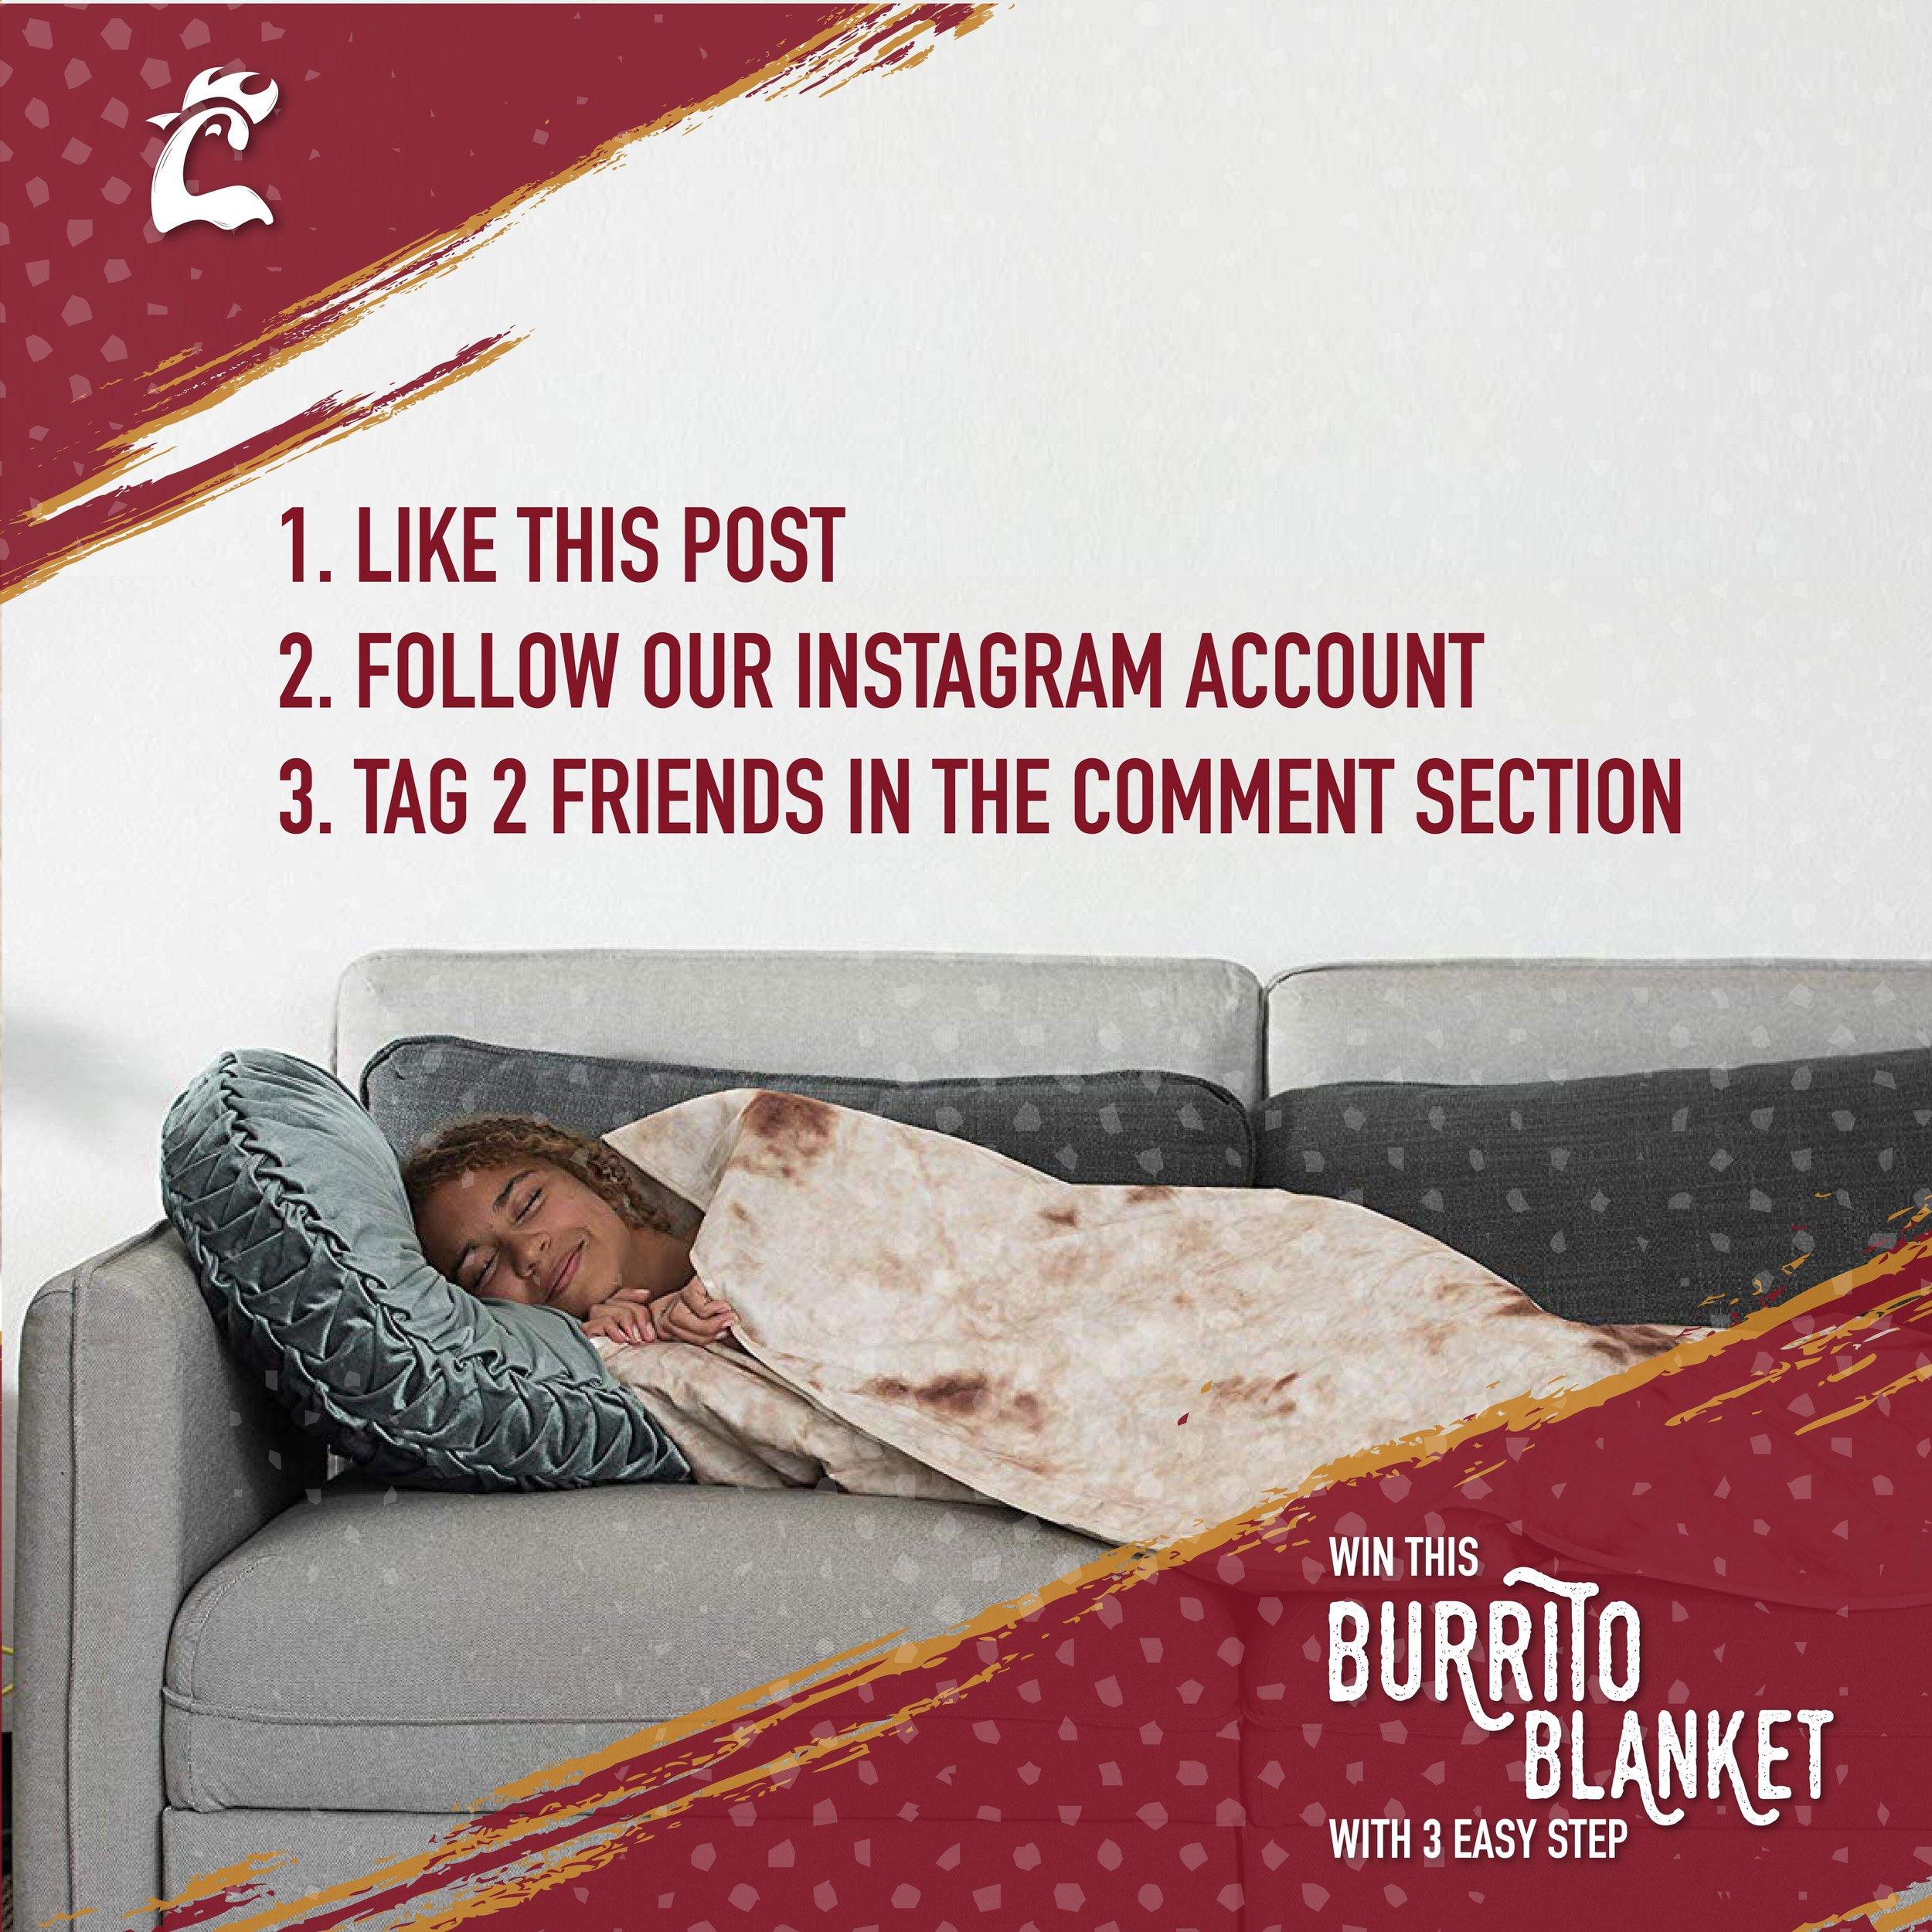 Buritto Blanket.jpeg